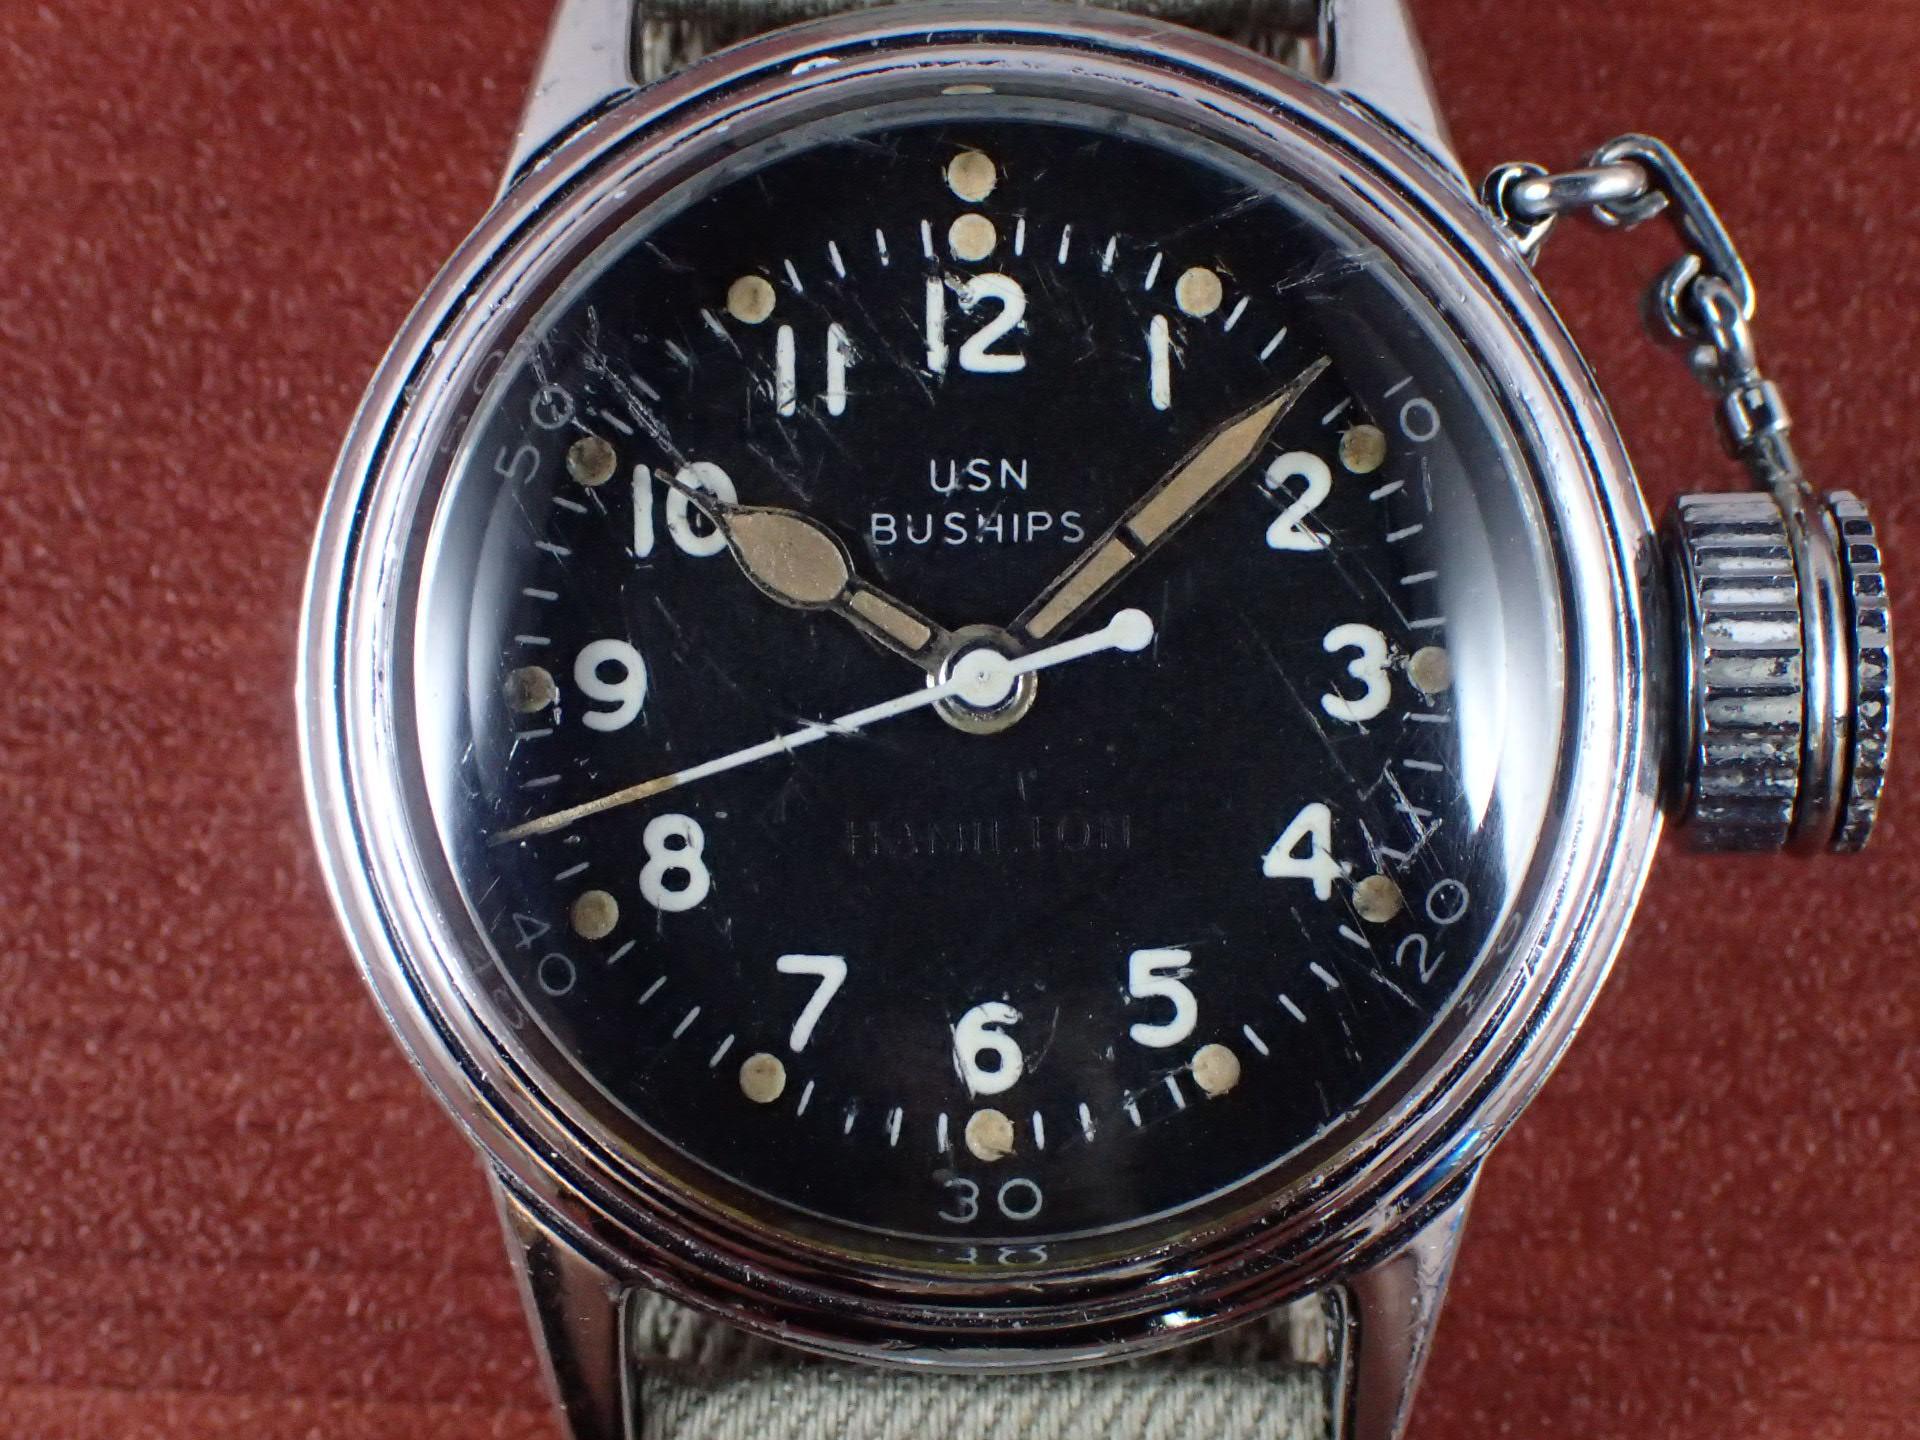 ハミルトン USN BUSHIPS キャンティーン UDT 水中爆破チーム 1940年代の写真2枚目